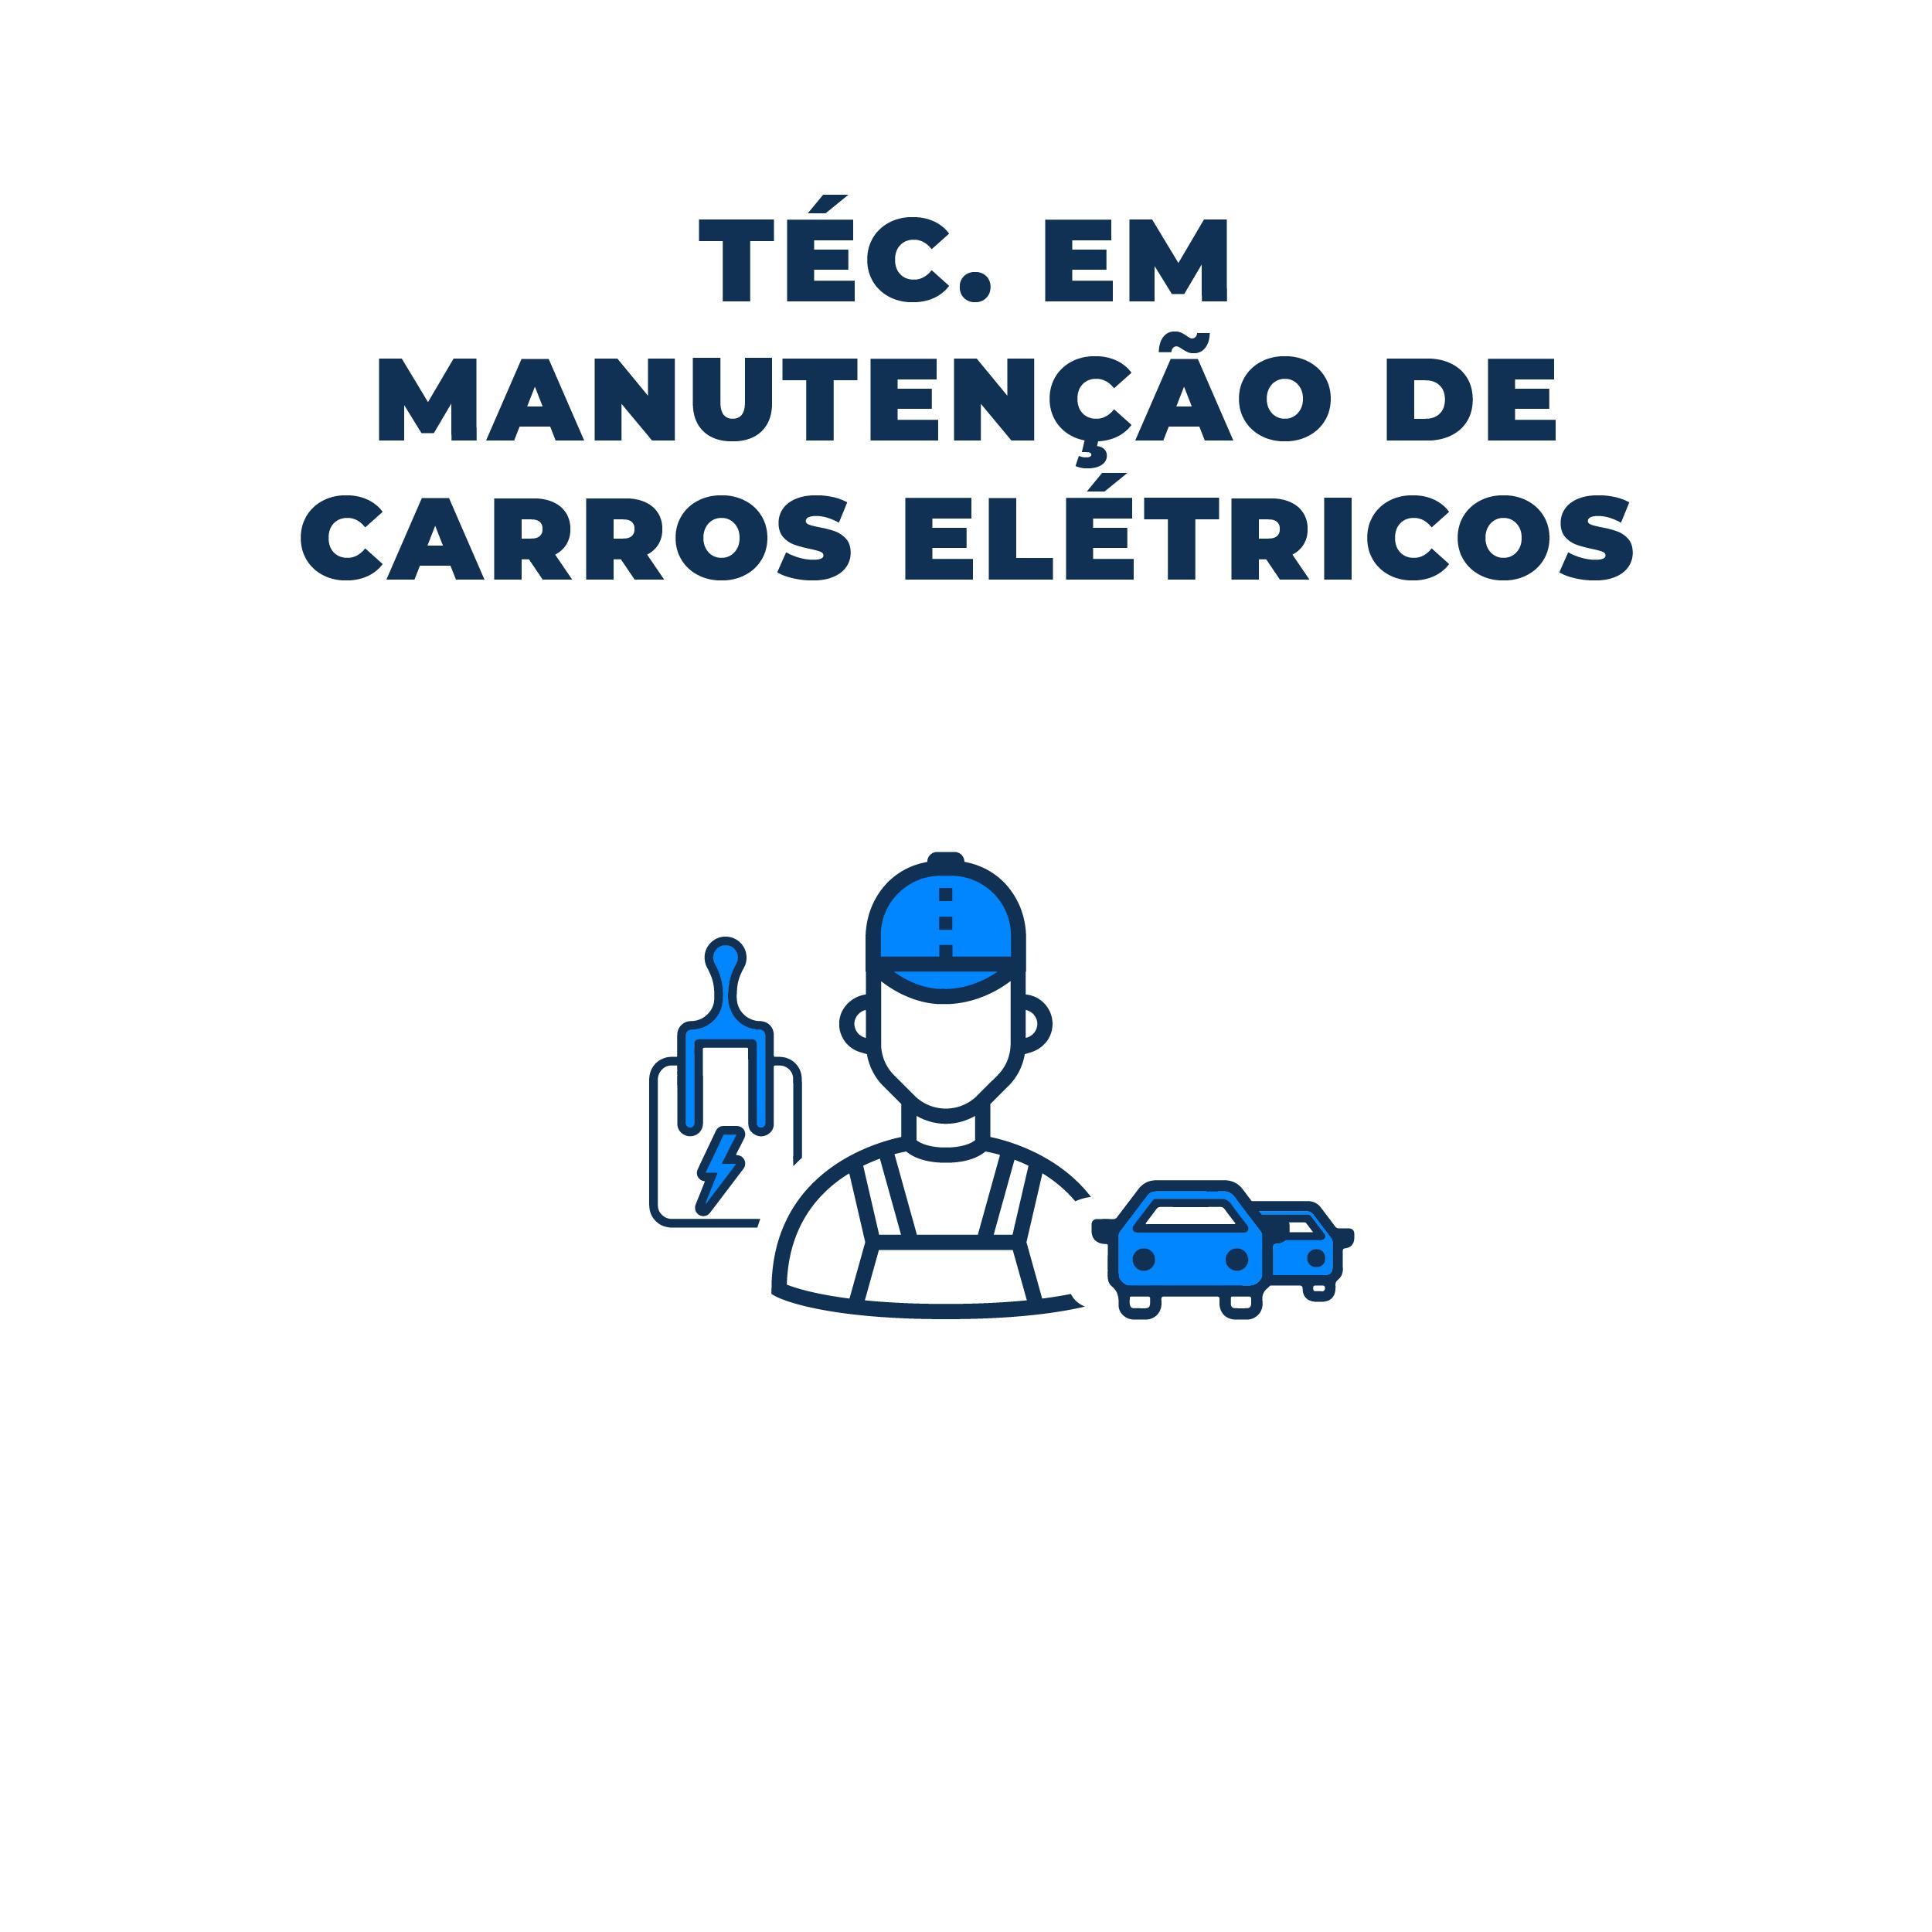 carros eletricos